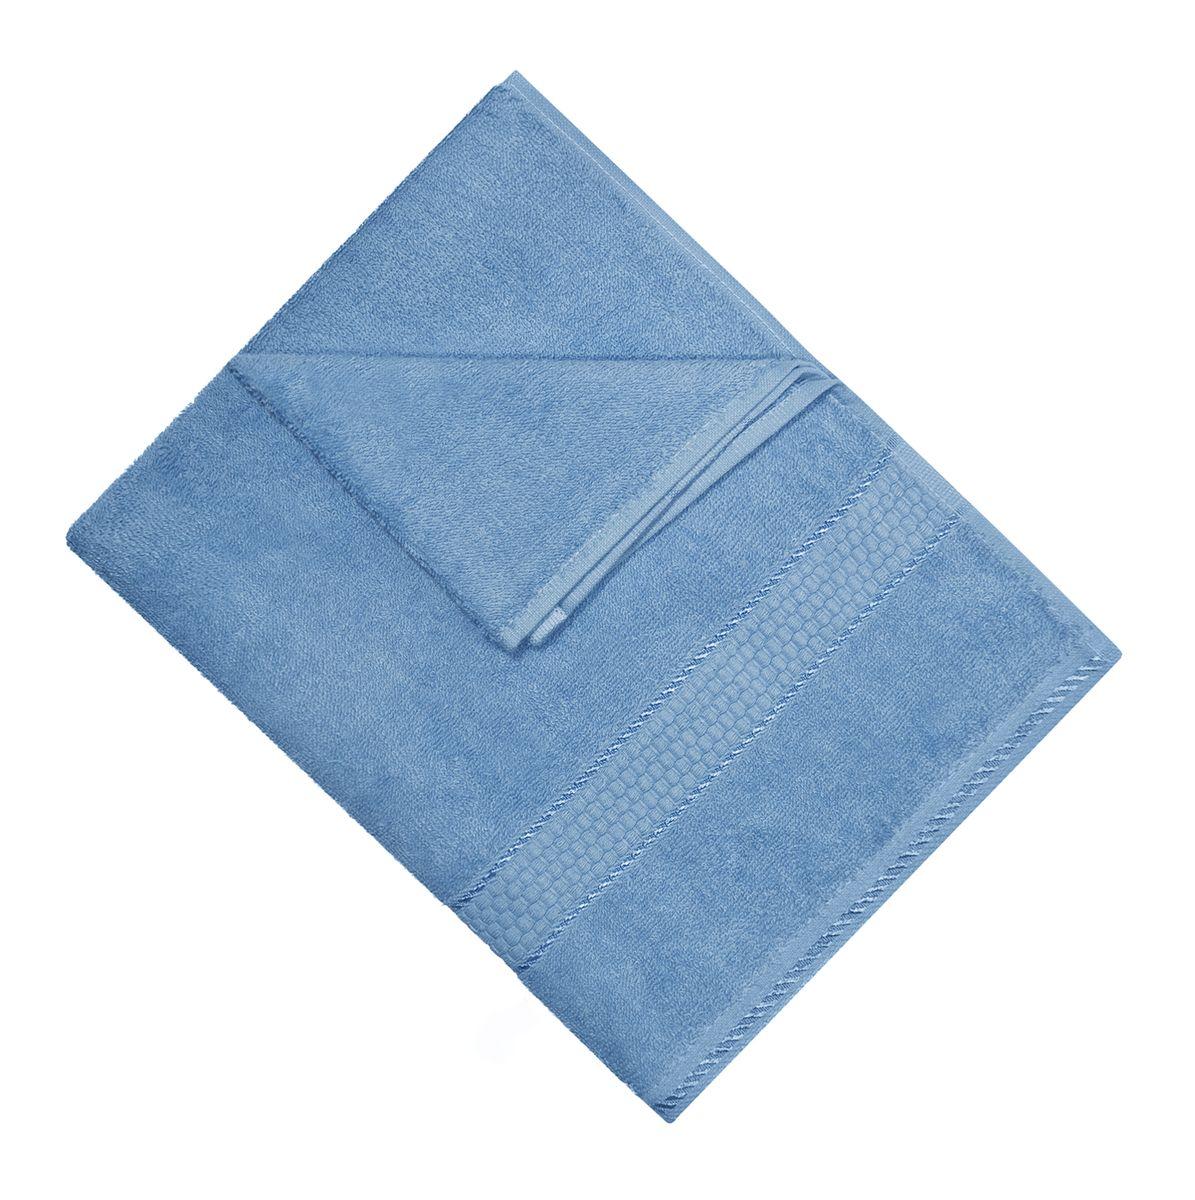 Полотенце махровое Osborn Textile, цвет: голубой, 50 см х 90 смУзТ-МПМ-004-01-06В состав полотенца Osborn Textile входит только натуральное волокно - хлопок. Лаконичные бордюры подойдут для любого интерьера ванной комнаты. Полотенце прекрасно впитывает влагу и быстро сохнет. При соблюдении рекомендаций по уходу не линяет и не теряет форму даже после многократных стирок. Плотность: 450 г/м2.